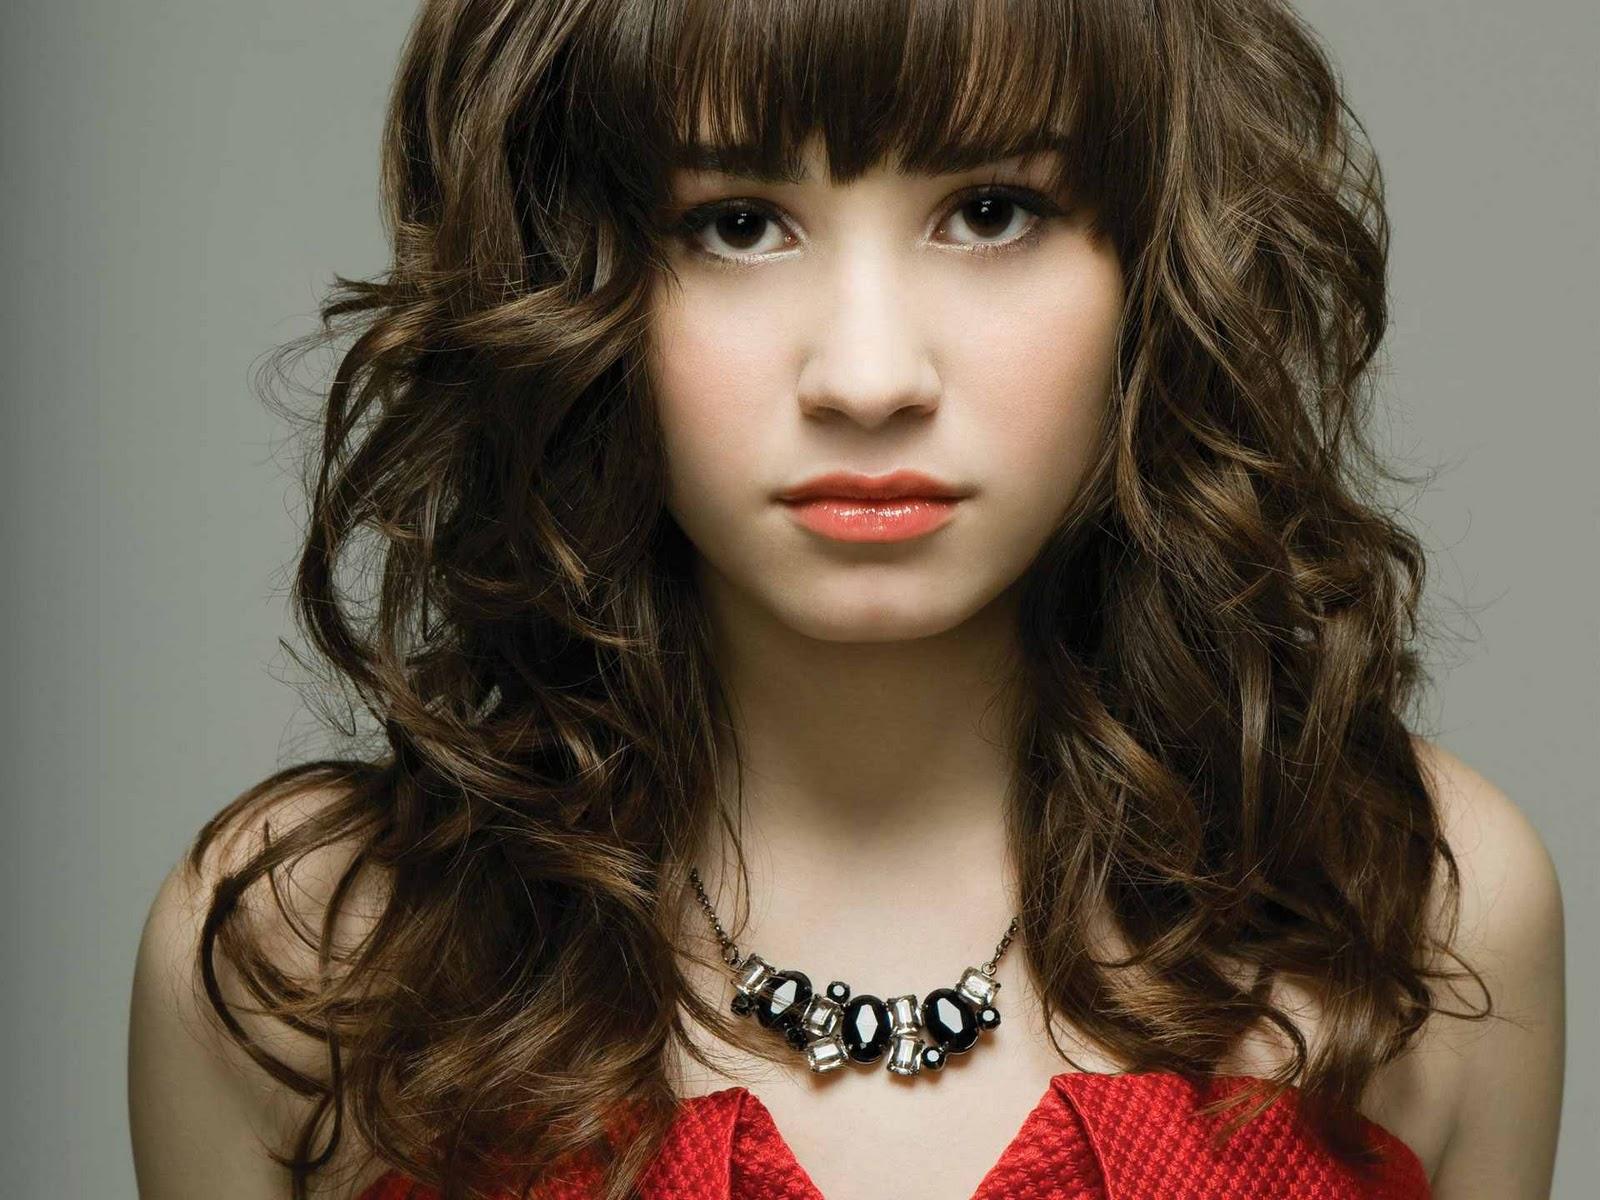 http://1.bp.blogspot.com/_fCAtMdq3Ayo/TRX3JQrLeGI/AAAAAAAABzQ/t7meZHvvU3Q/s1600/Demi+Lovato+10.jpg